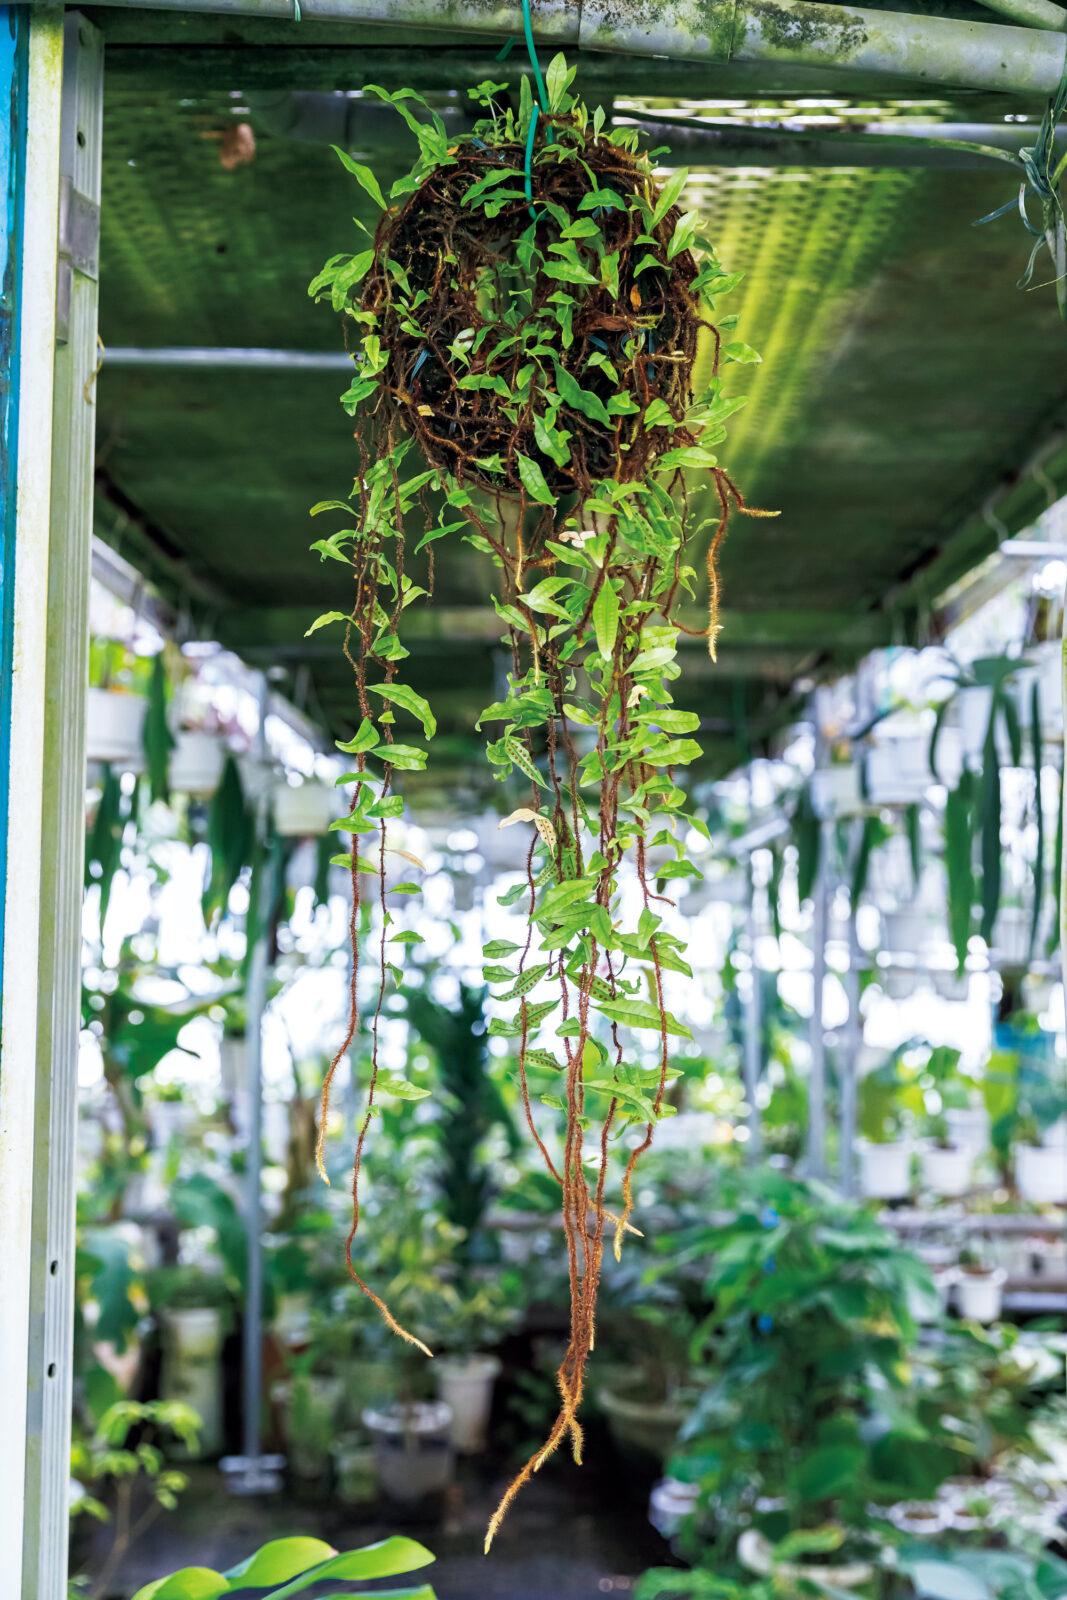 Microgramma vacciniifolia/ミクログランマ バクシニフォリアコスタリカで採取した面白いシダ。もう5年になるだろうか。コスタリカで採取した面白いシダ……。湿度のある温室で育てると面白いように毛だらけの軸が伸びる……。貴重な品種ゆえ大切に育てているけど水さえやっとけば育っていく……。最低温度はどうやろ5℃?現地は結構寒かったけどな……。